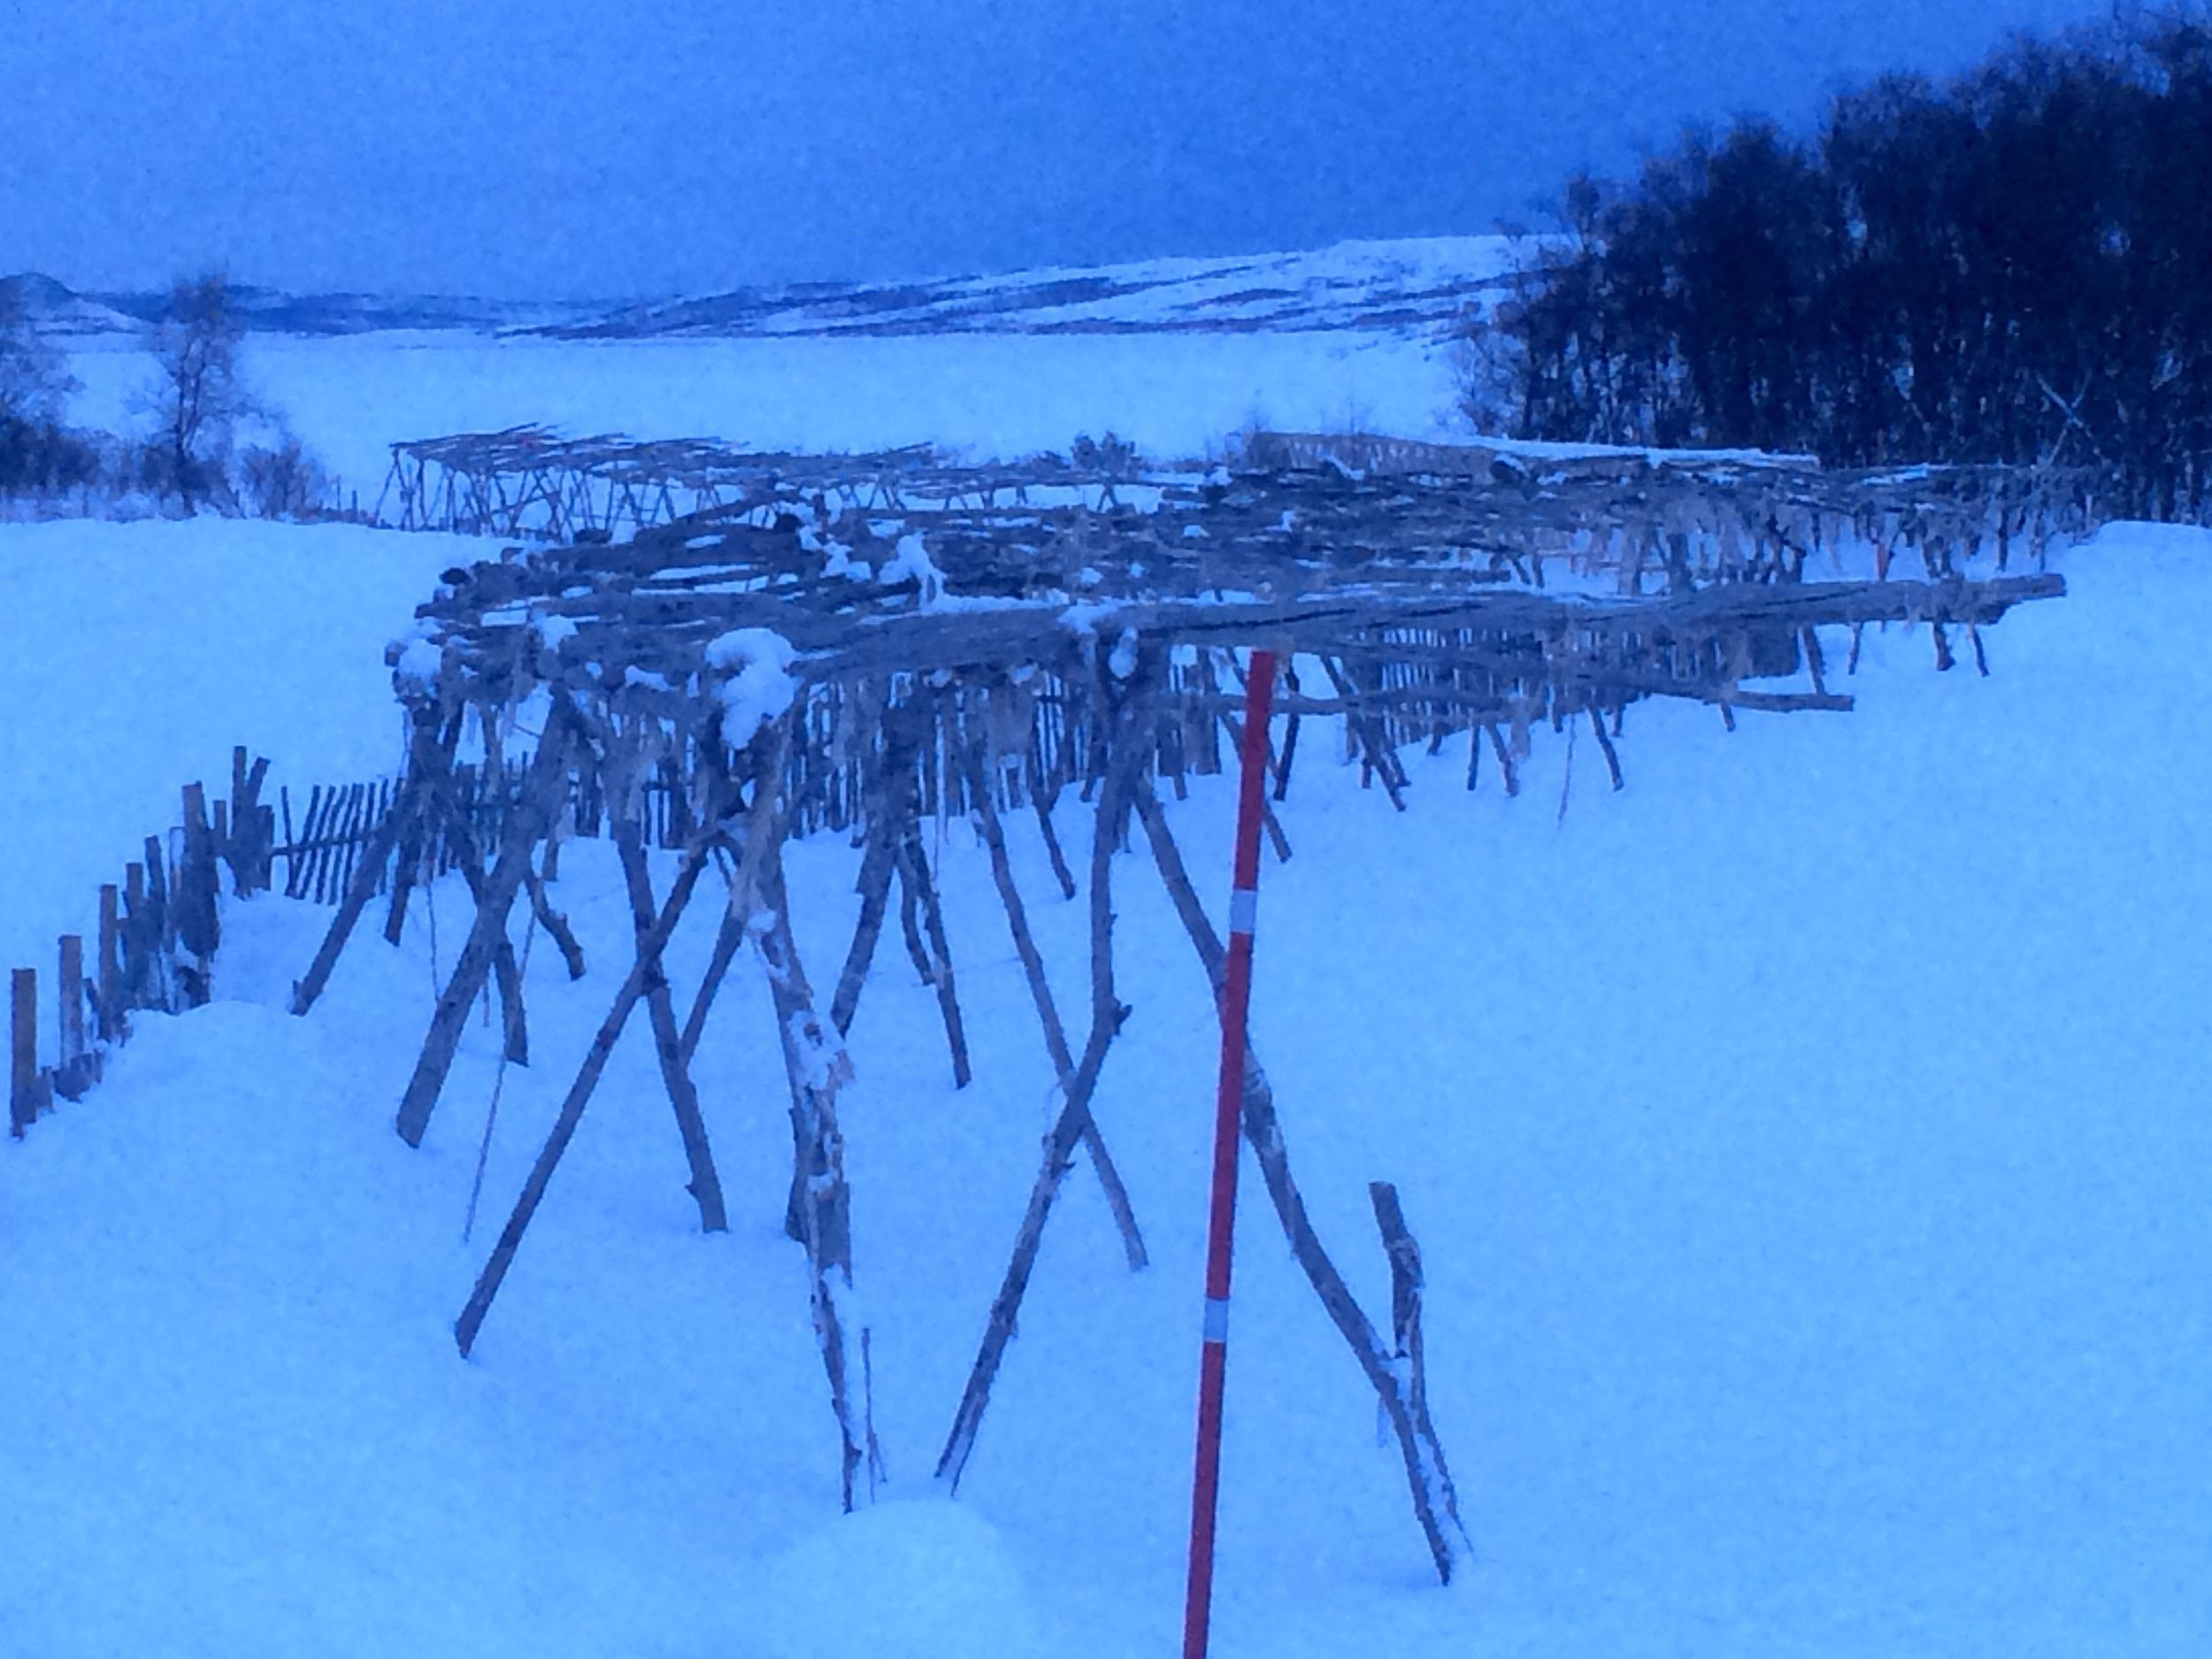 Fish drying racks at the Sami museum